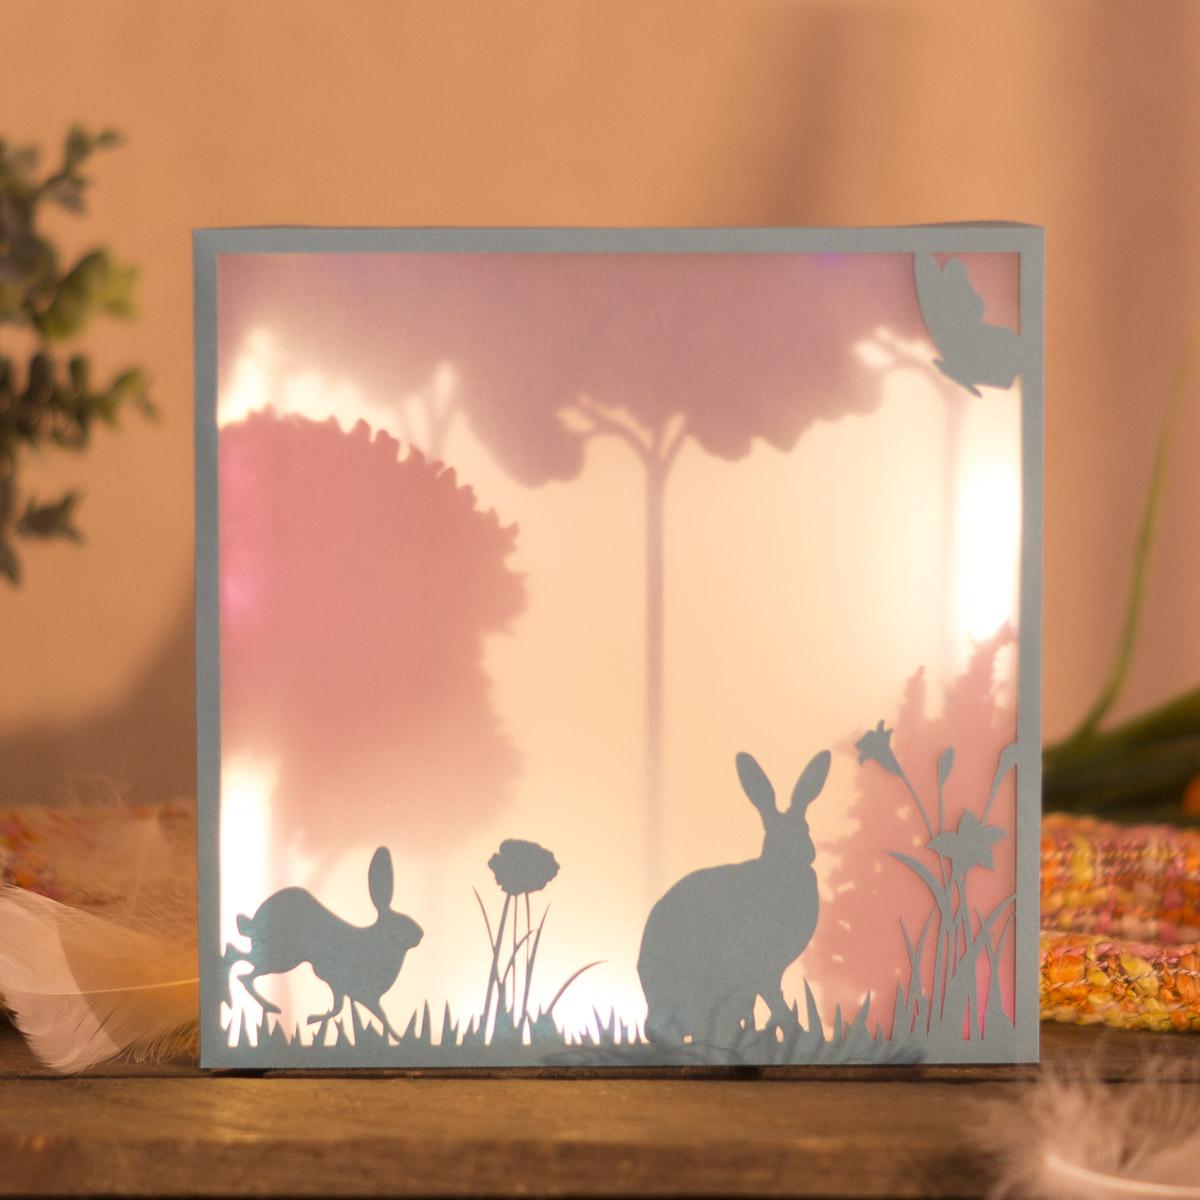 3D Bild basteln zu Ostern – einfach märchenhaft